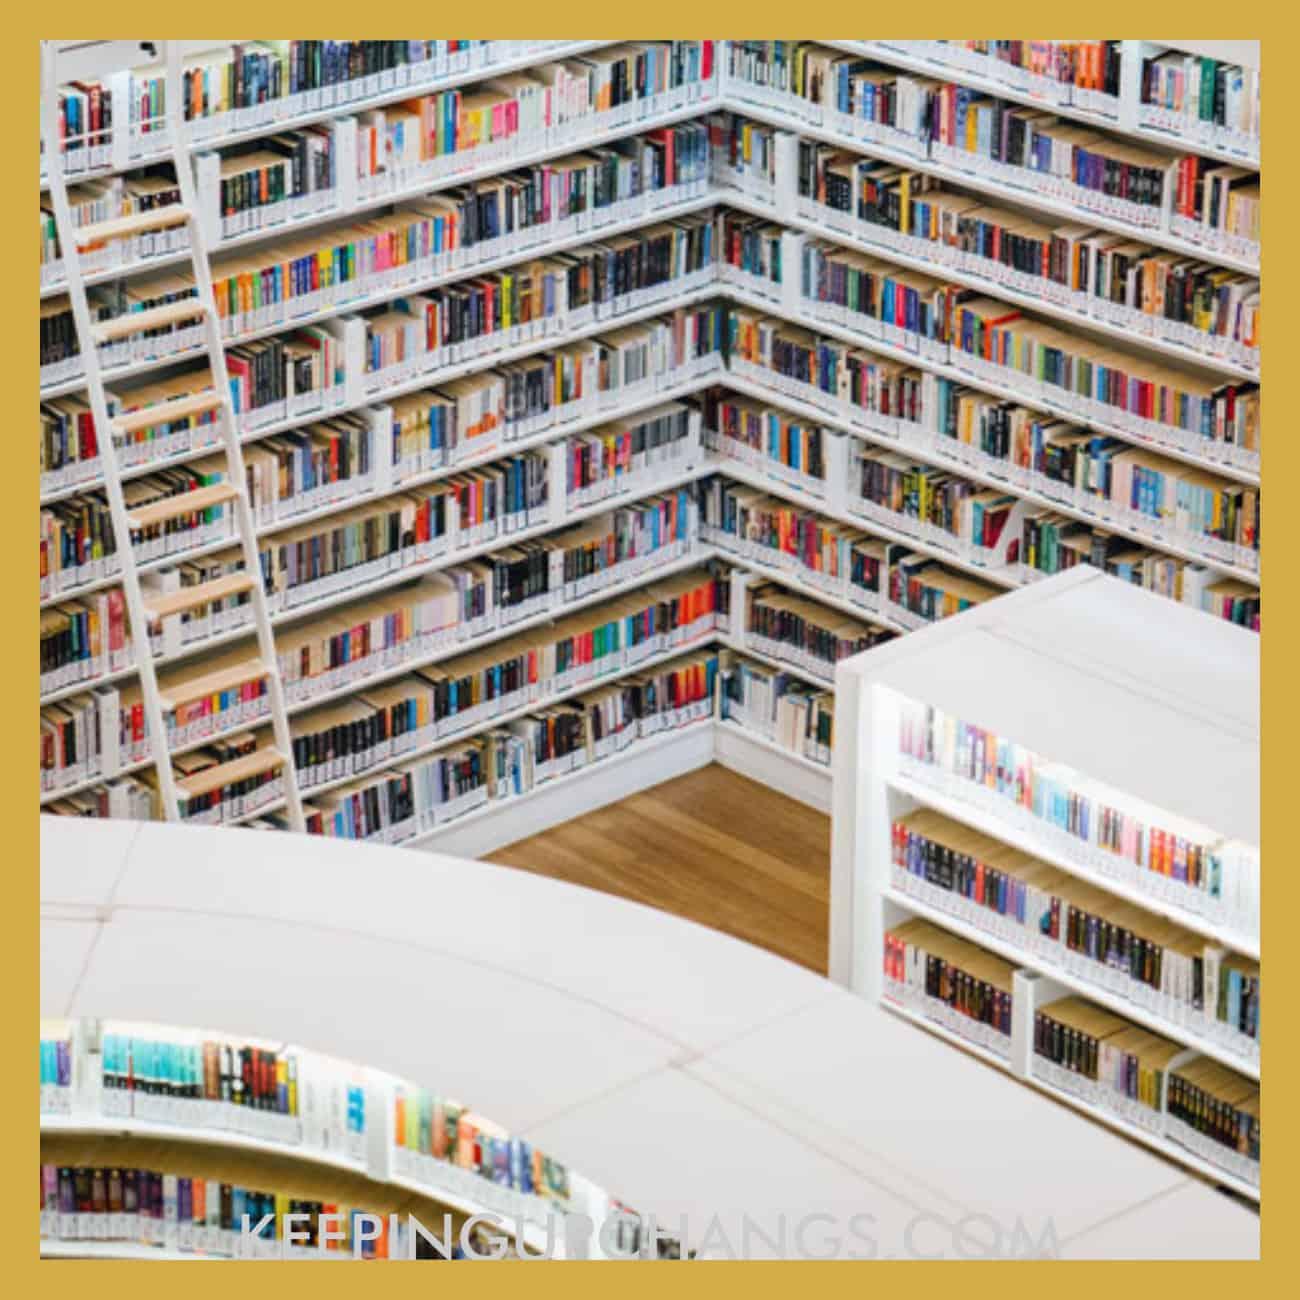 library bookshelves full of books.